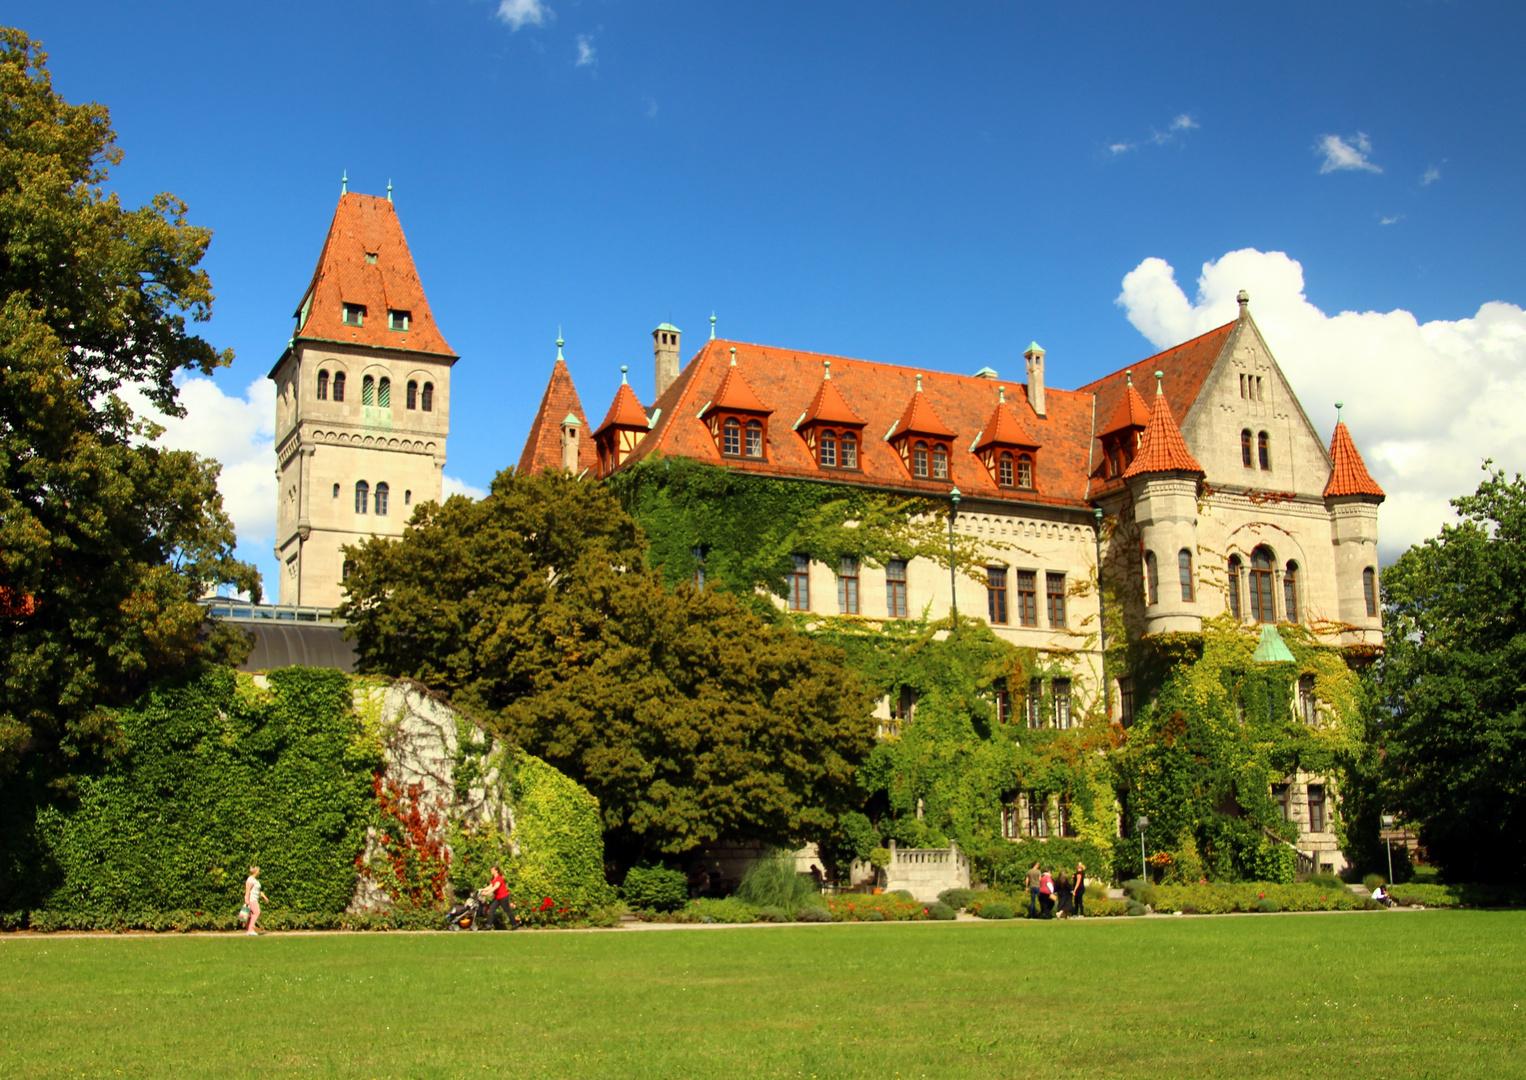 Schloss Faber Castell in Stein bei Nürnberg Foto & Bild | stein ...